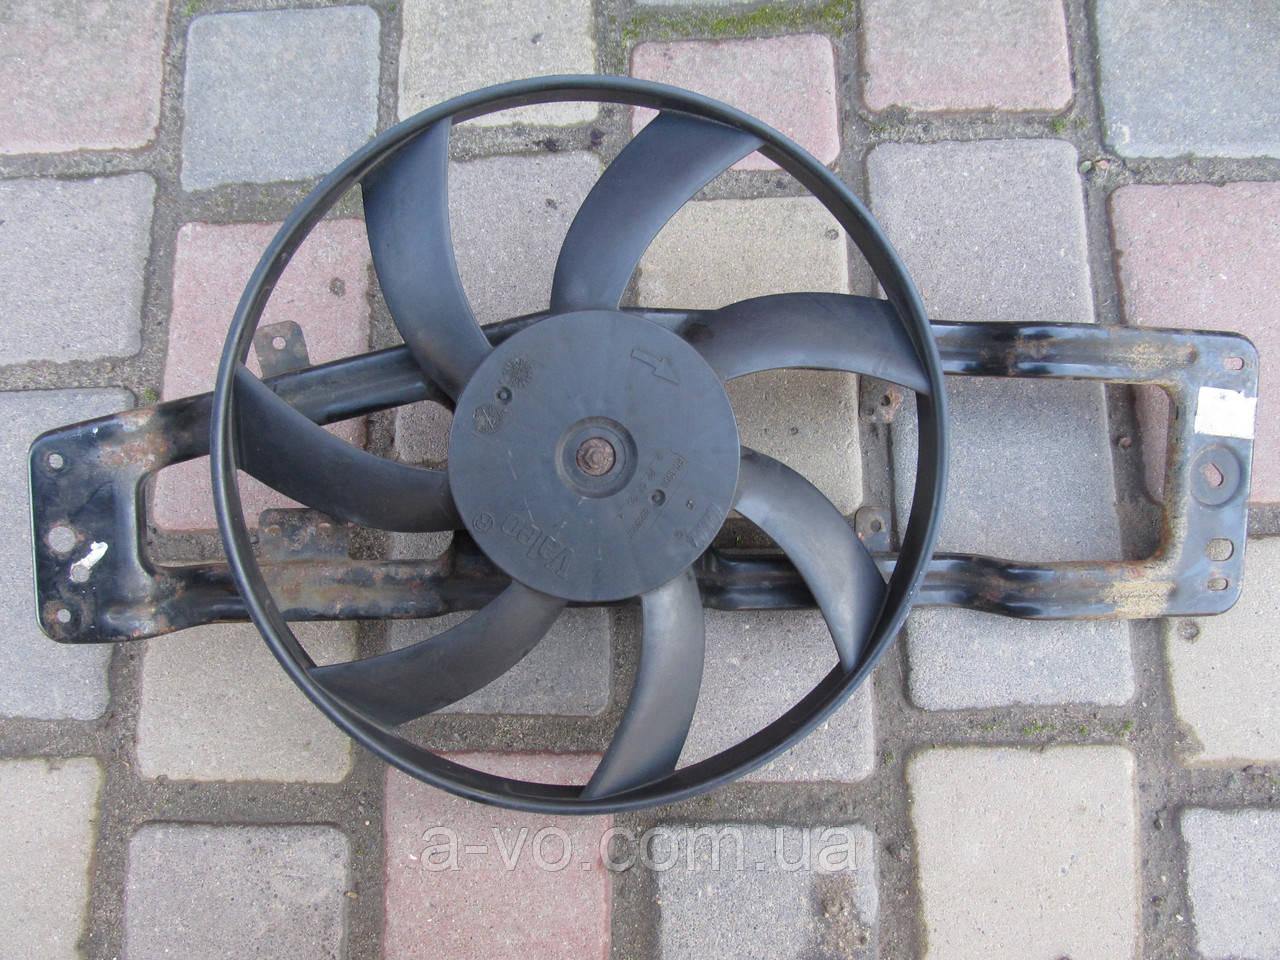 Вентилятор основного радиатора для Renault Twingo 1, 852766B D, 7700424839P